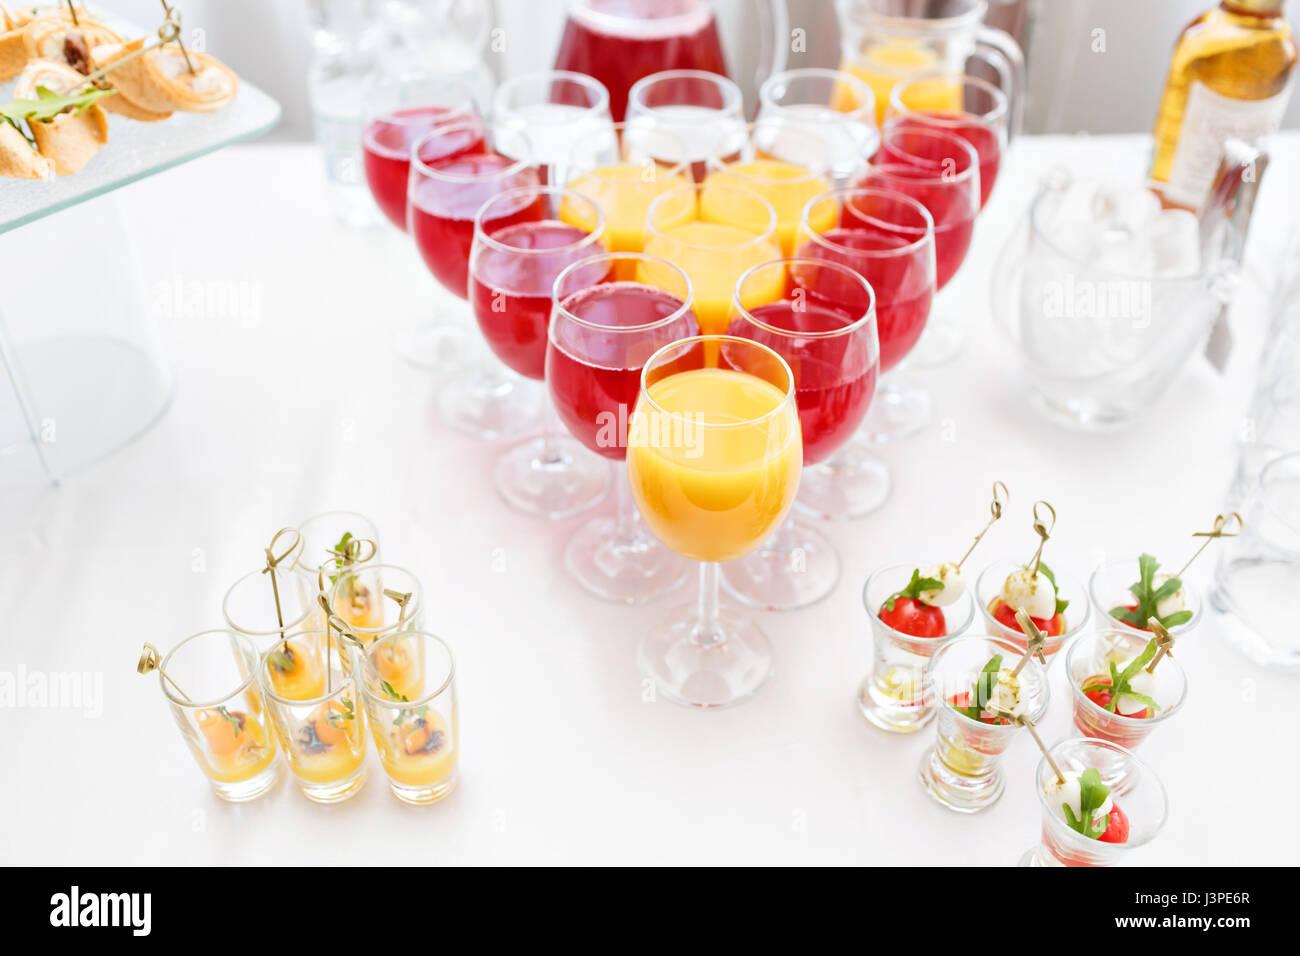 Restaurant-Stehtische in der Cocktail-Party. Eis in einer durchsichtigen Glasschüssel und Metall kleben. festliches Stockbild